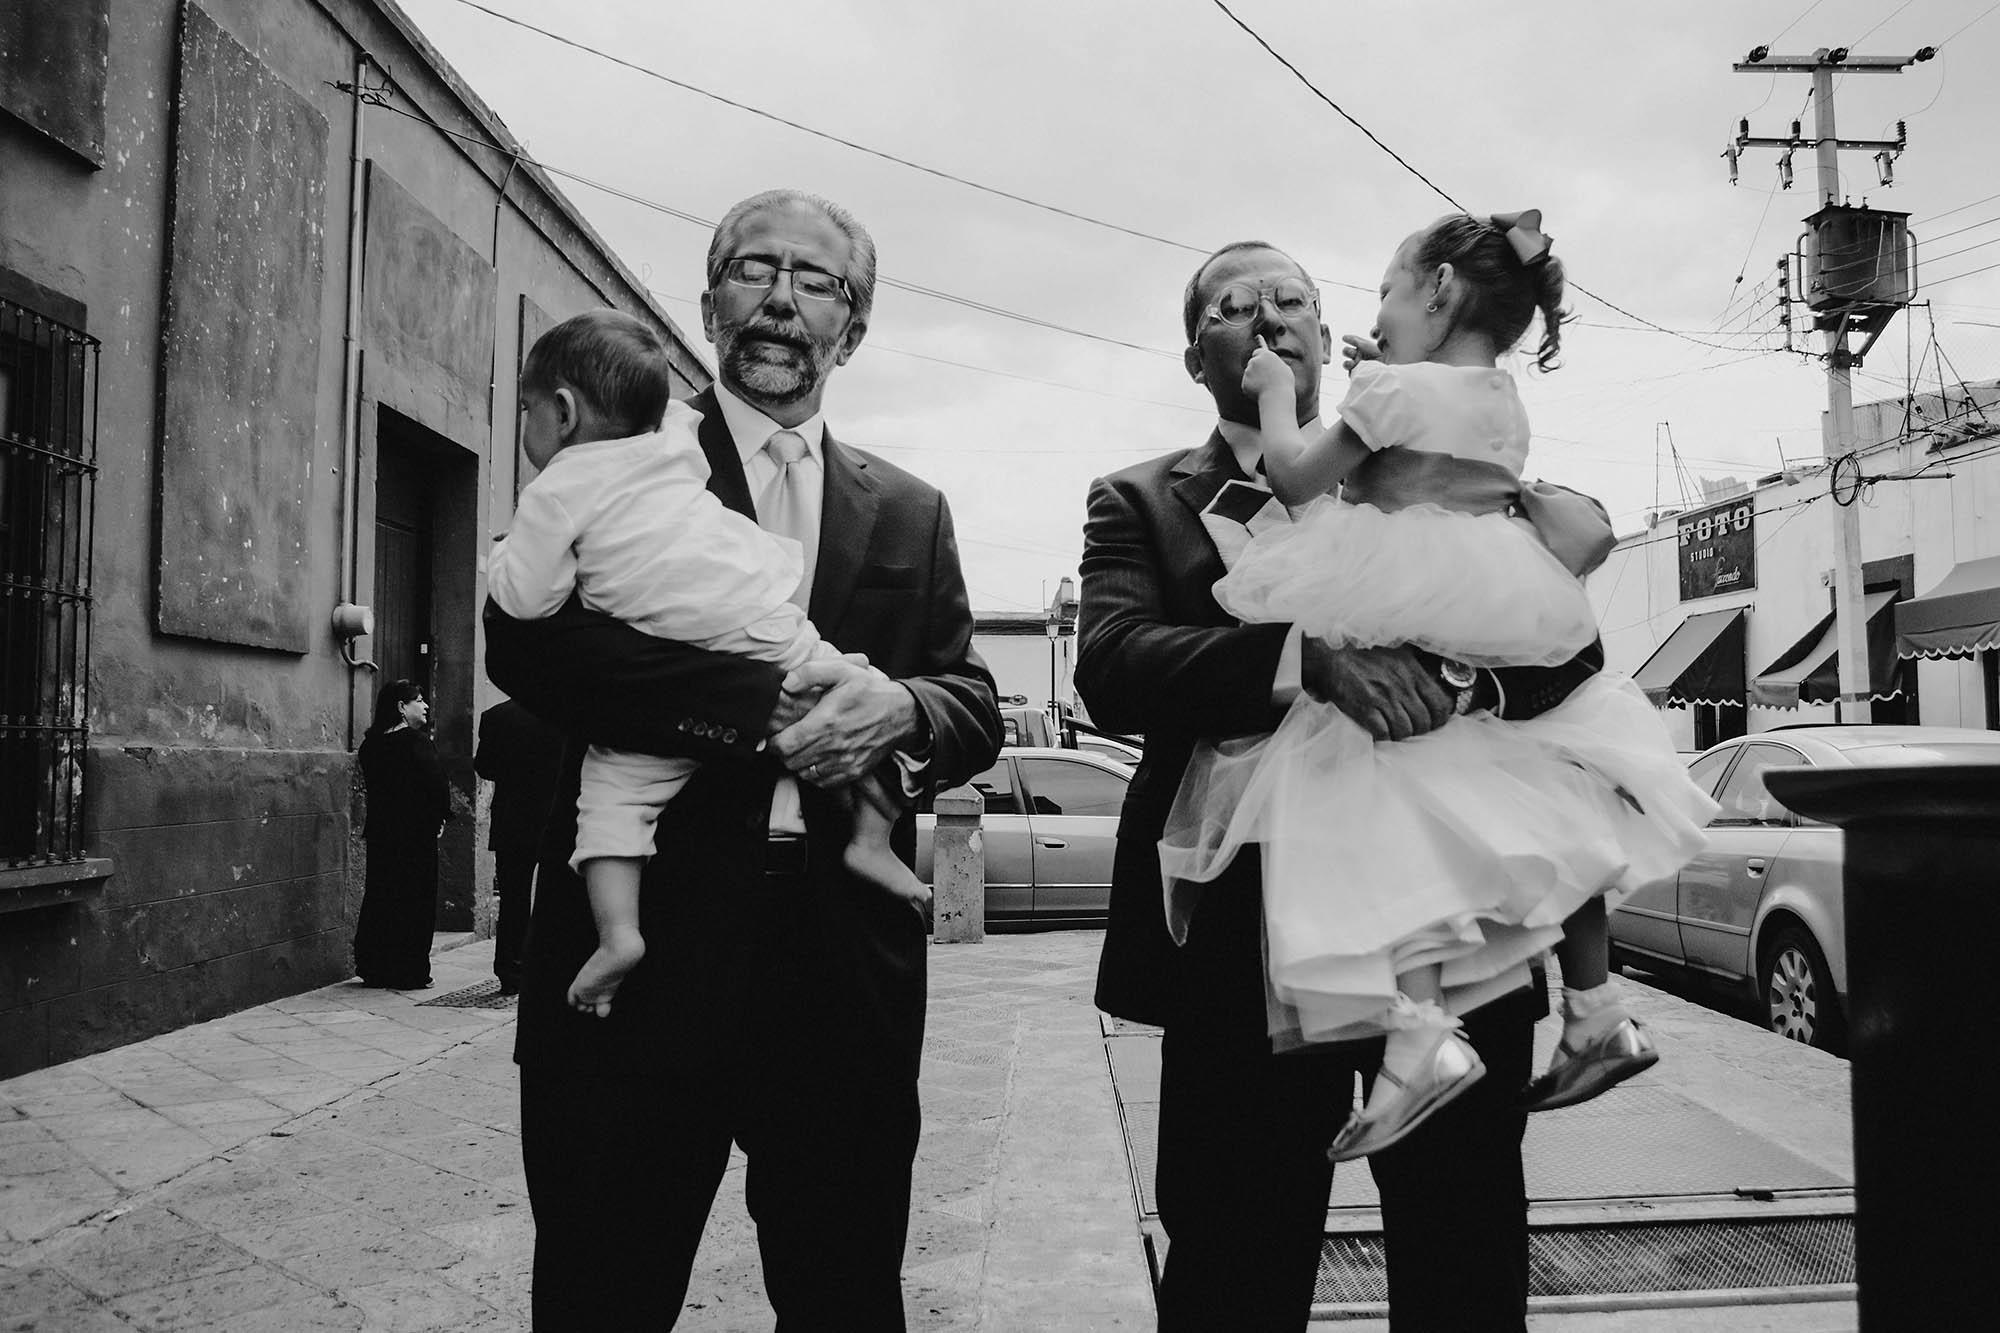 fotografia-de-boda-destino-Jimena-Mañon-Javier-Mere-12.jpg